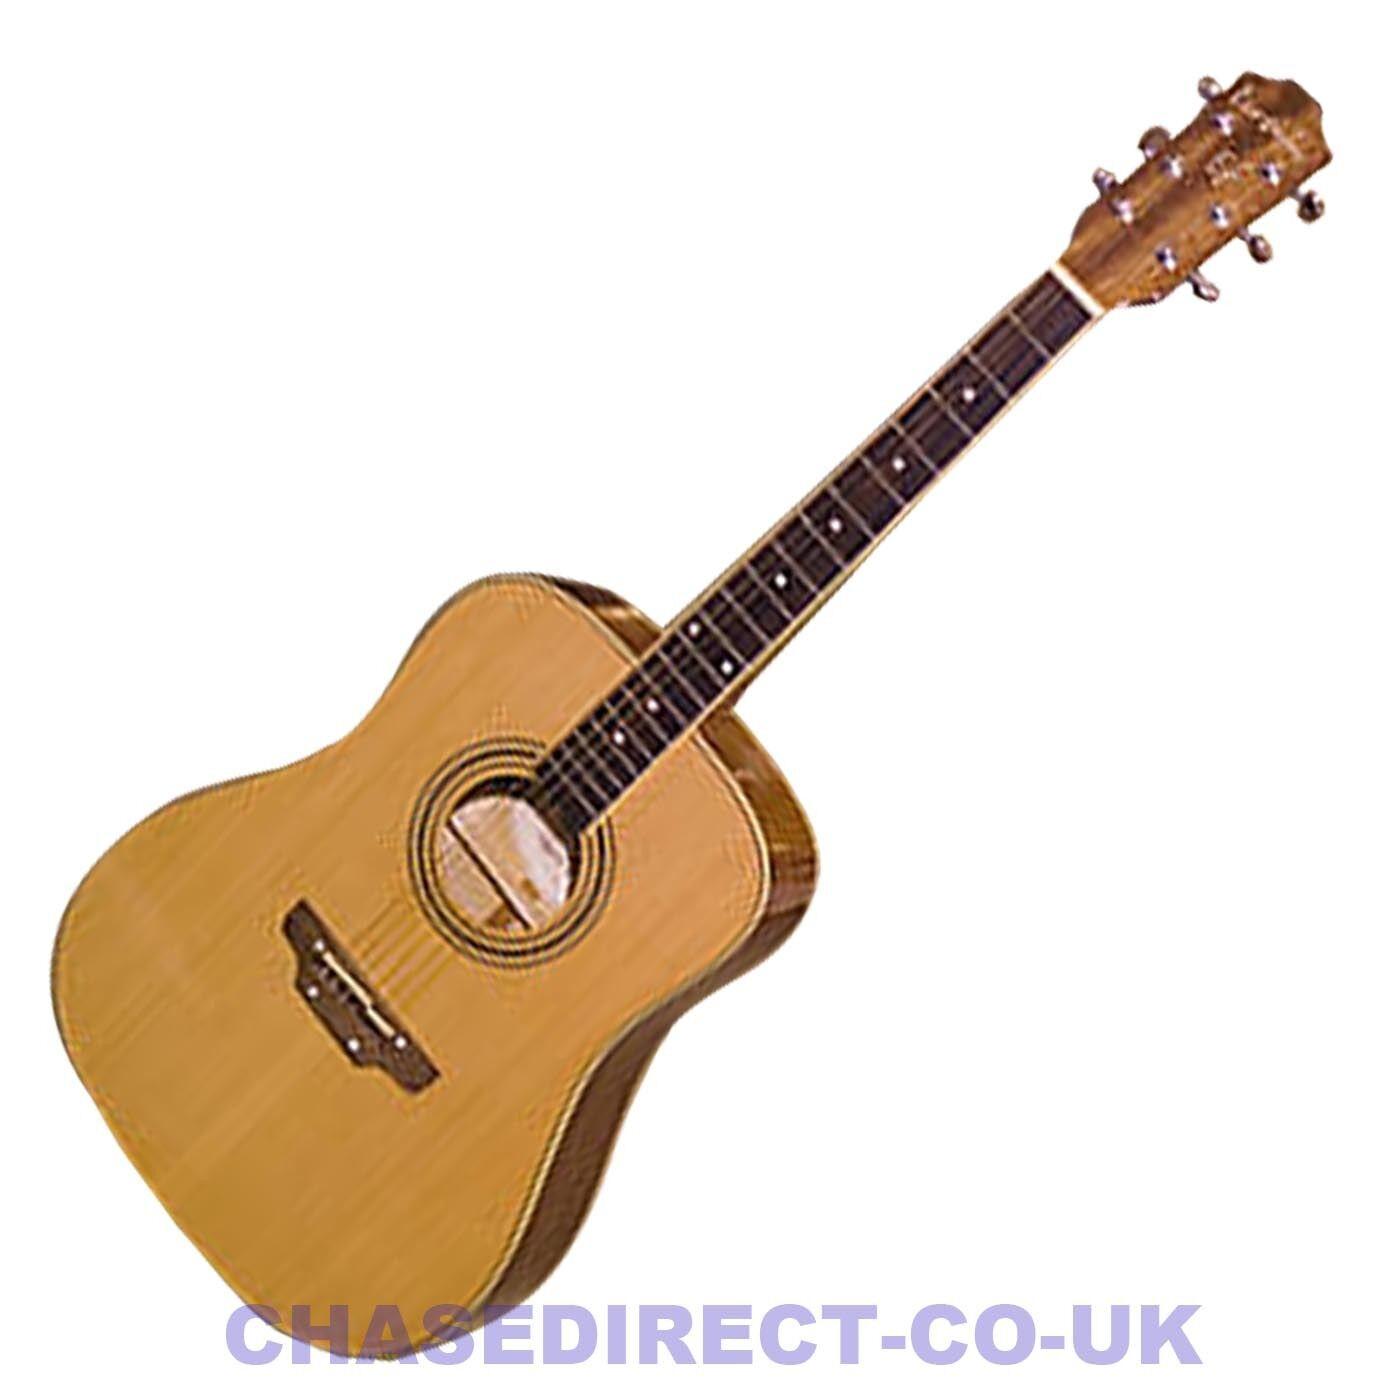 Guitarra Acústica Dreadnought earthfire GA3000S GA3000S GA3000S Cuerdas de Acero Tapa de abeto macizo 6f777a